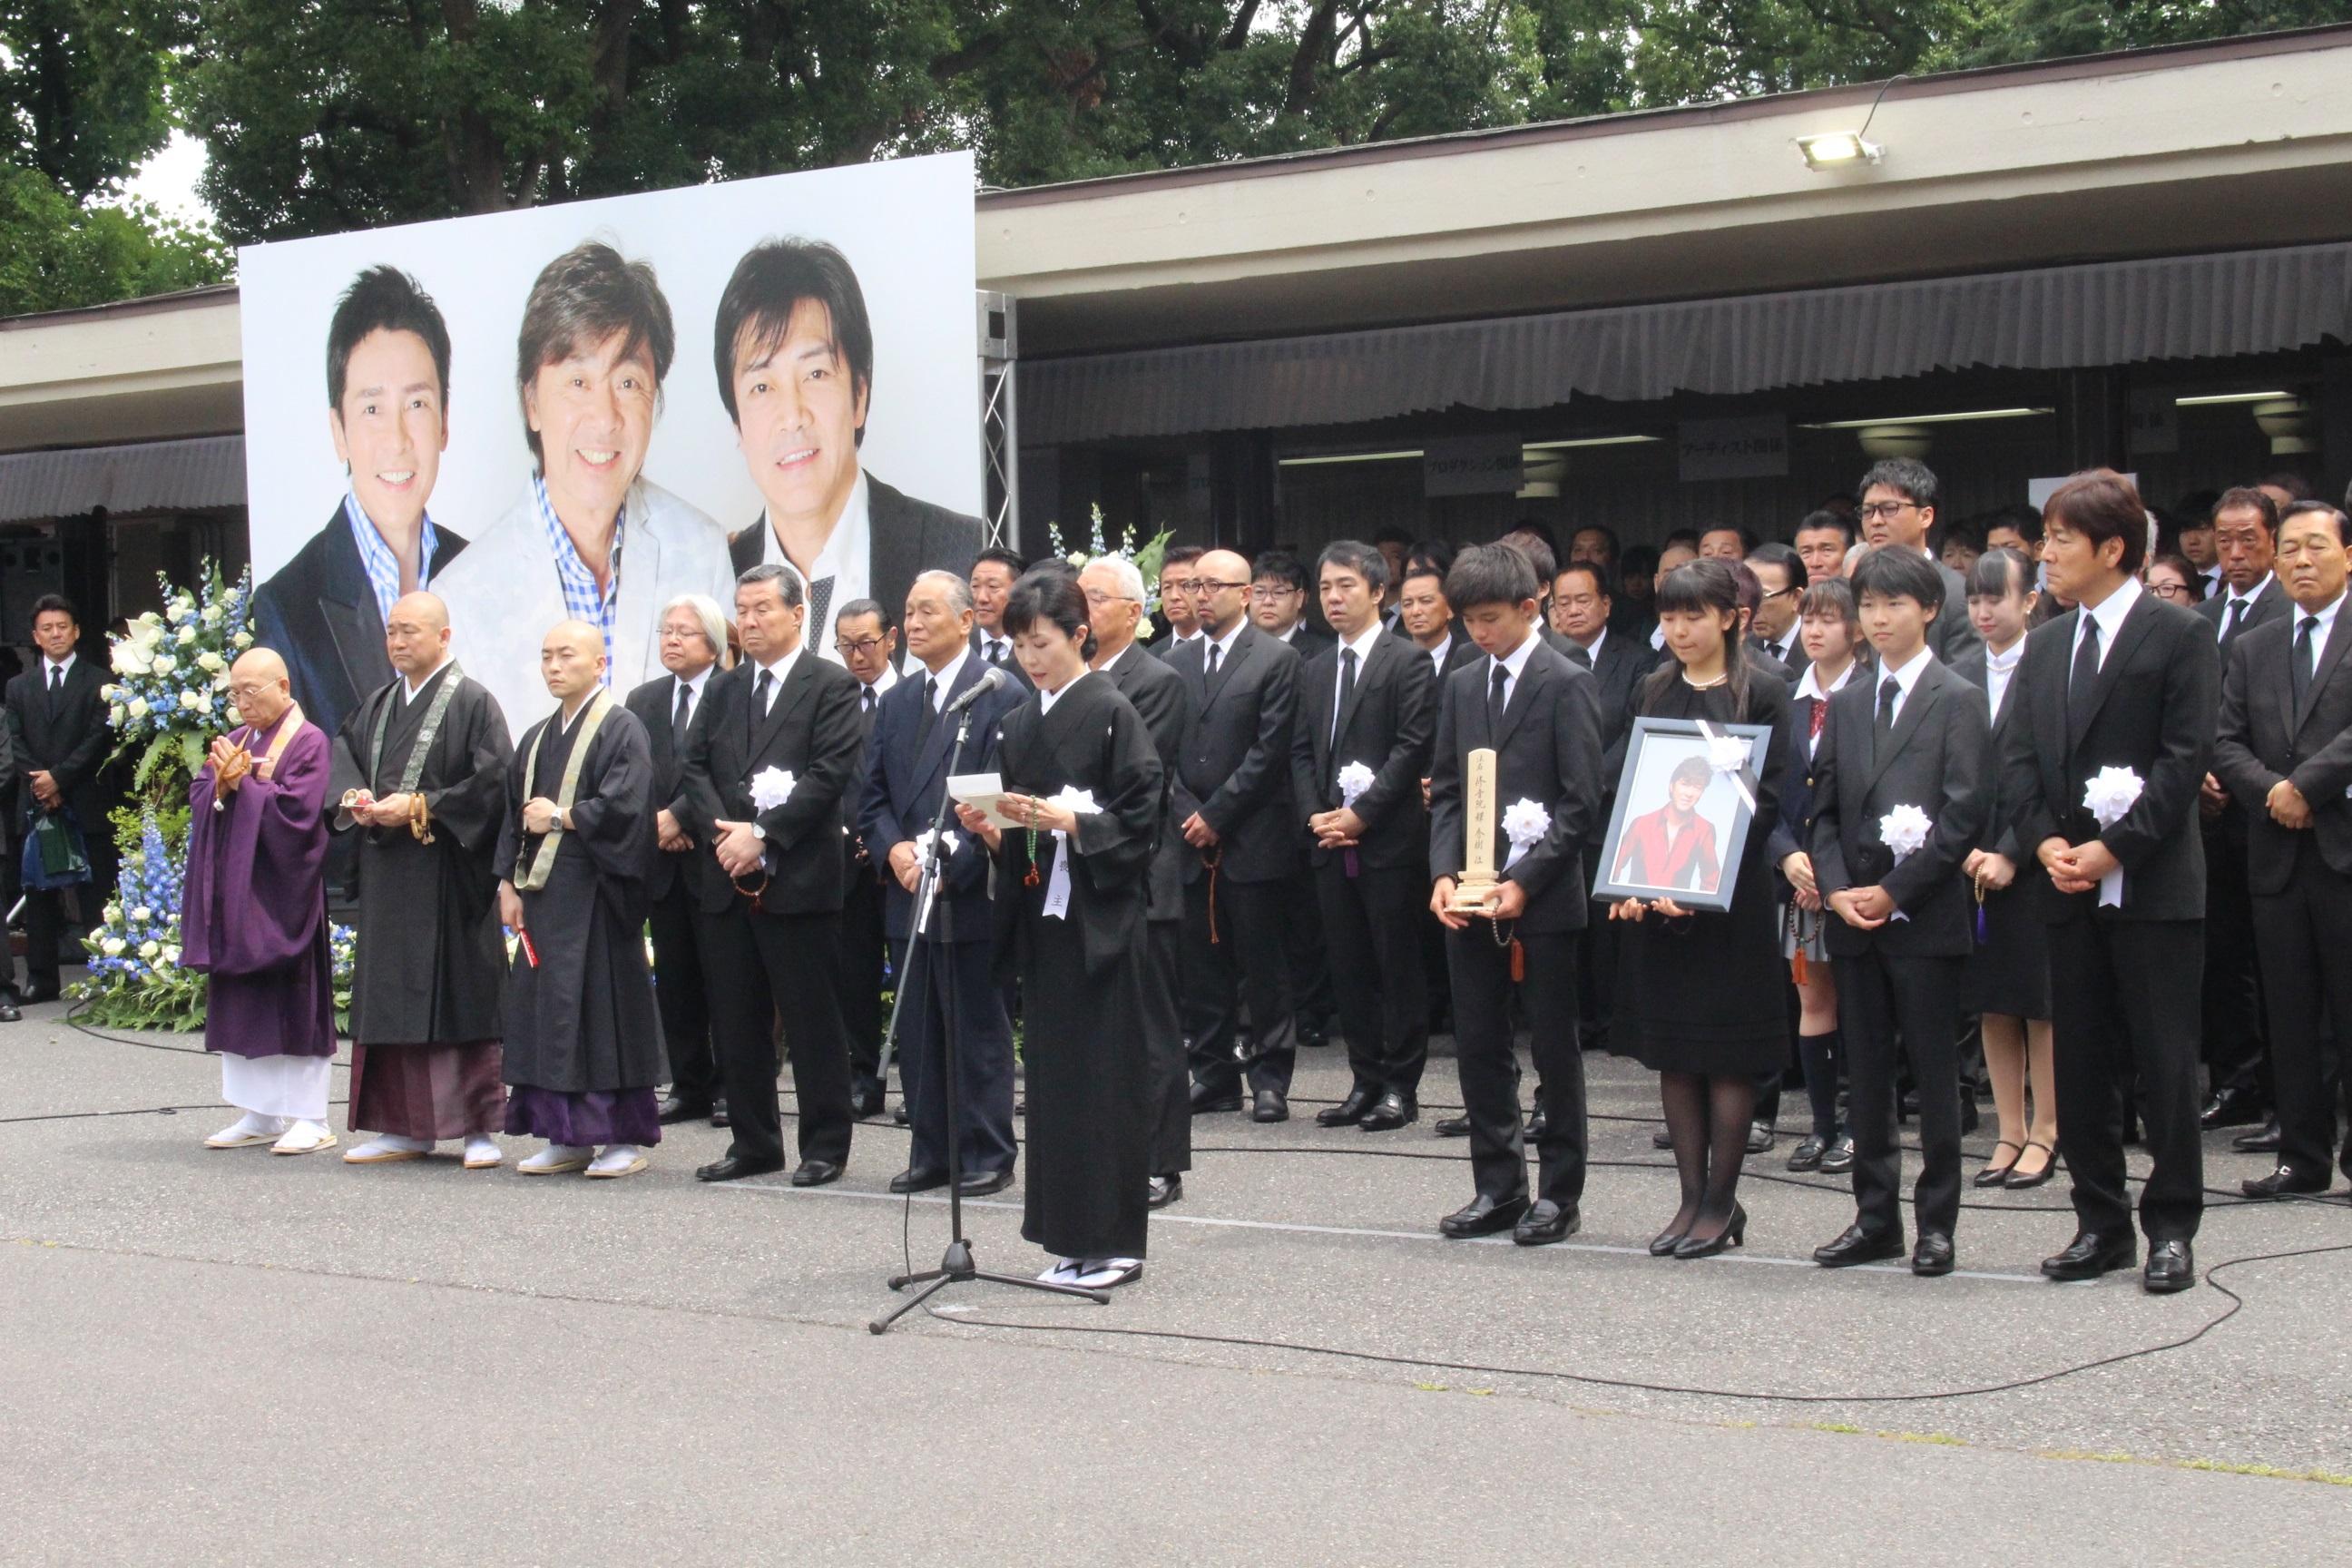 西城秀樹さんの告別式に1万人が参列 郷ひろみ「秀樹は天国に行ってしまった」